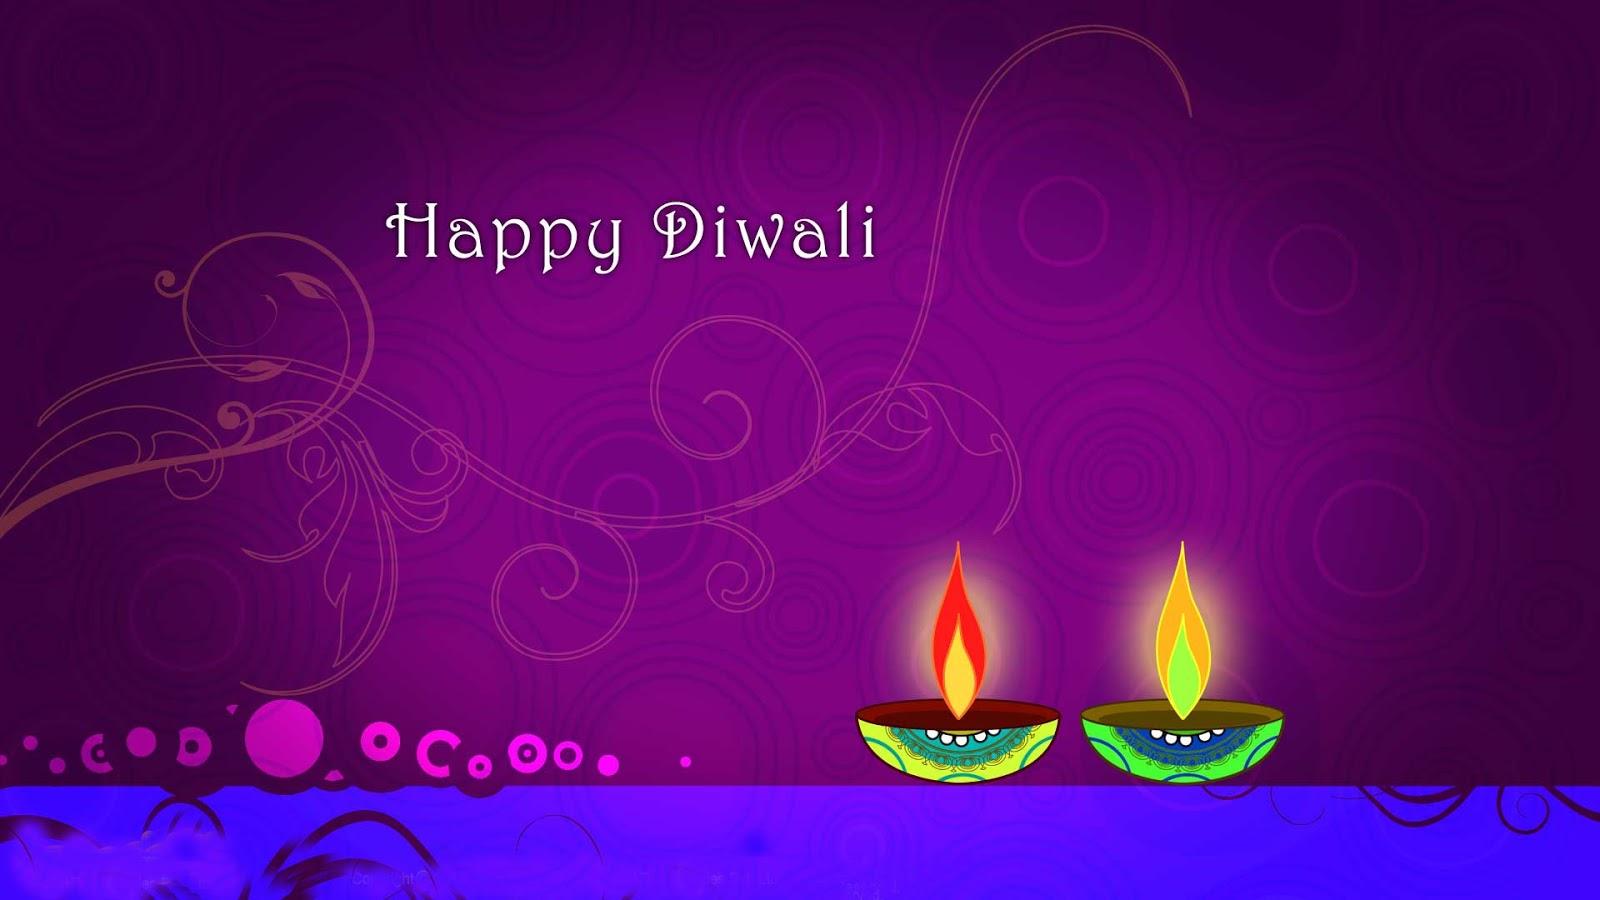 Happy Diwali Greetings October 2016